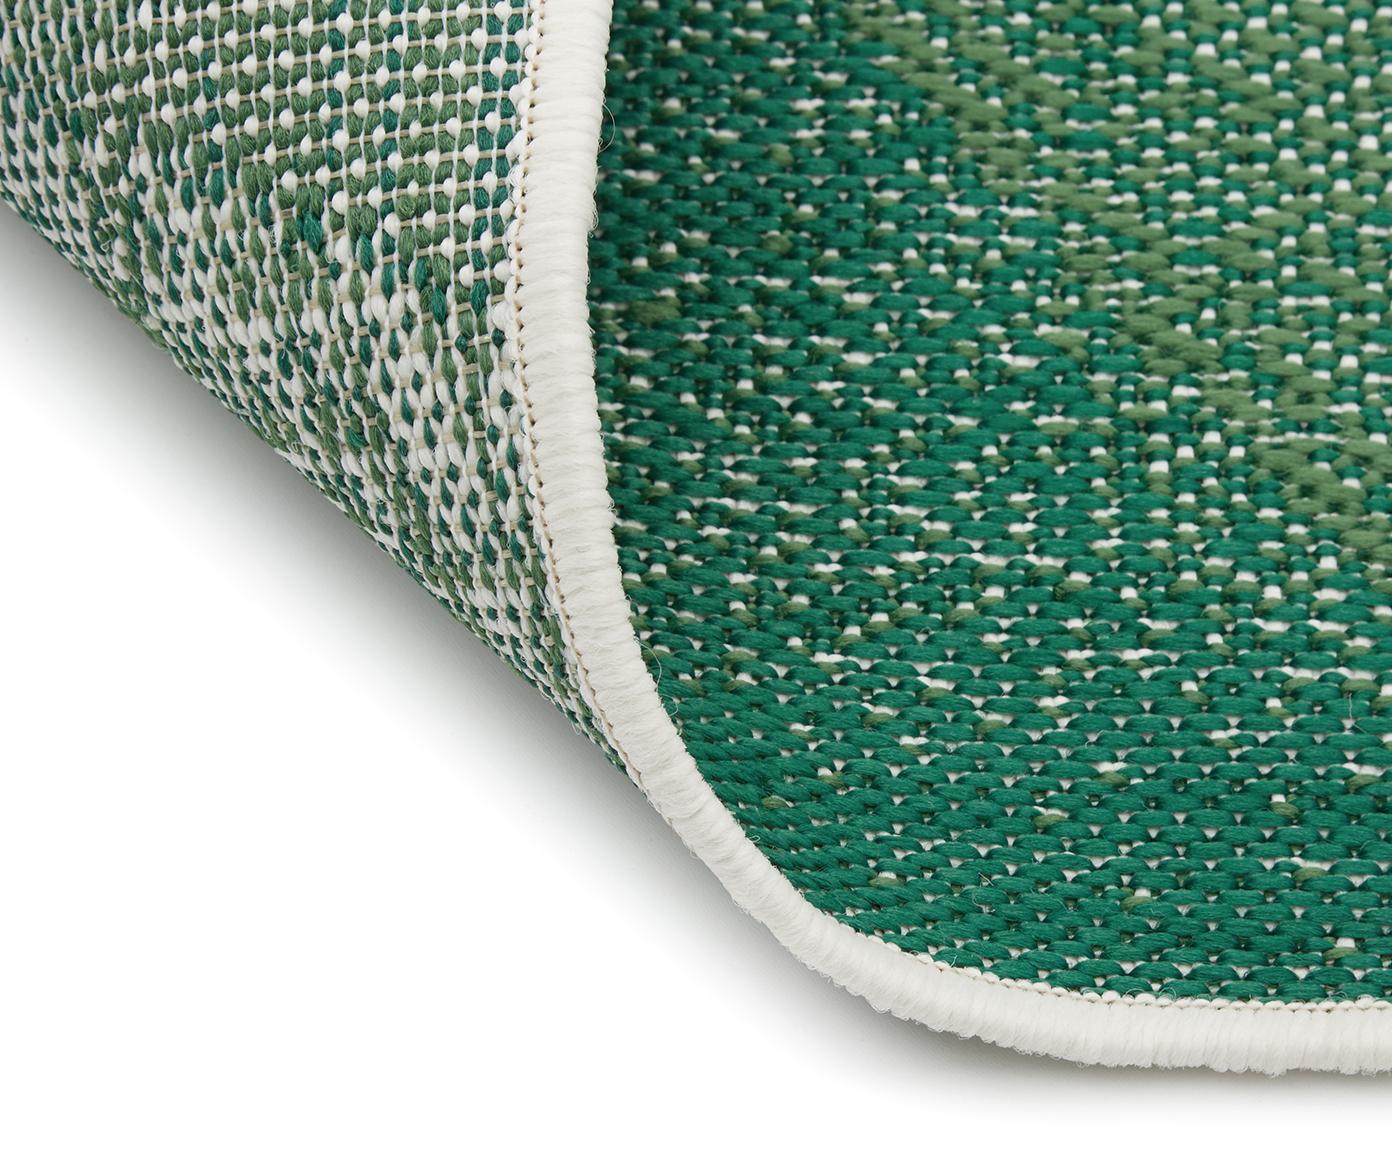 Tappeto da interno-esterno Jungle, Retro: poliestere, Bianco crema, verde, Larg. 200 x Lung. 290 cm  (taglia L)